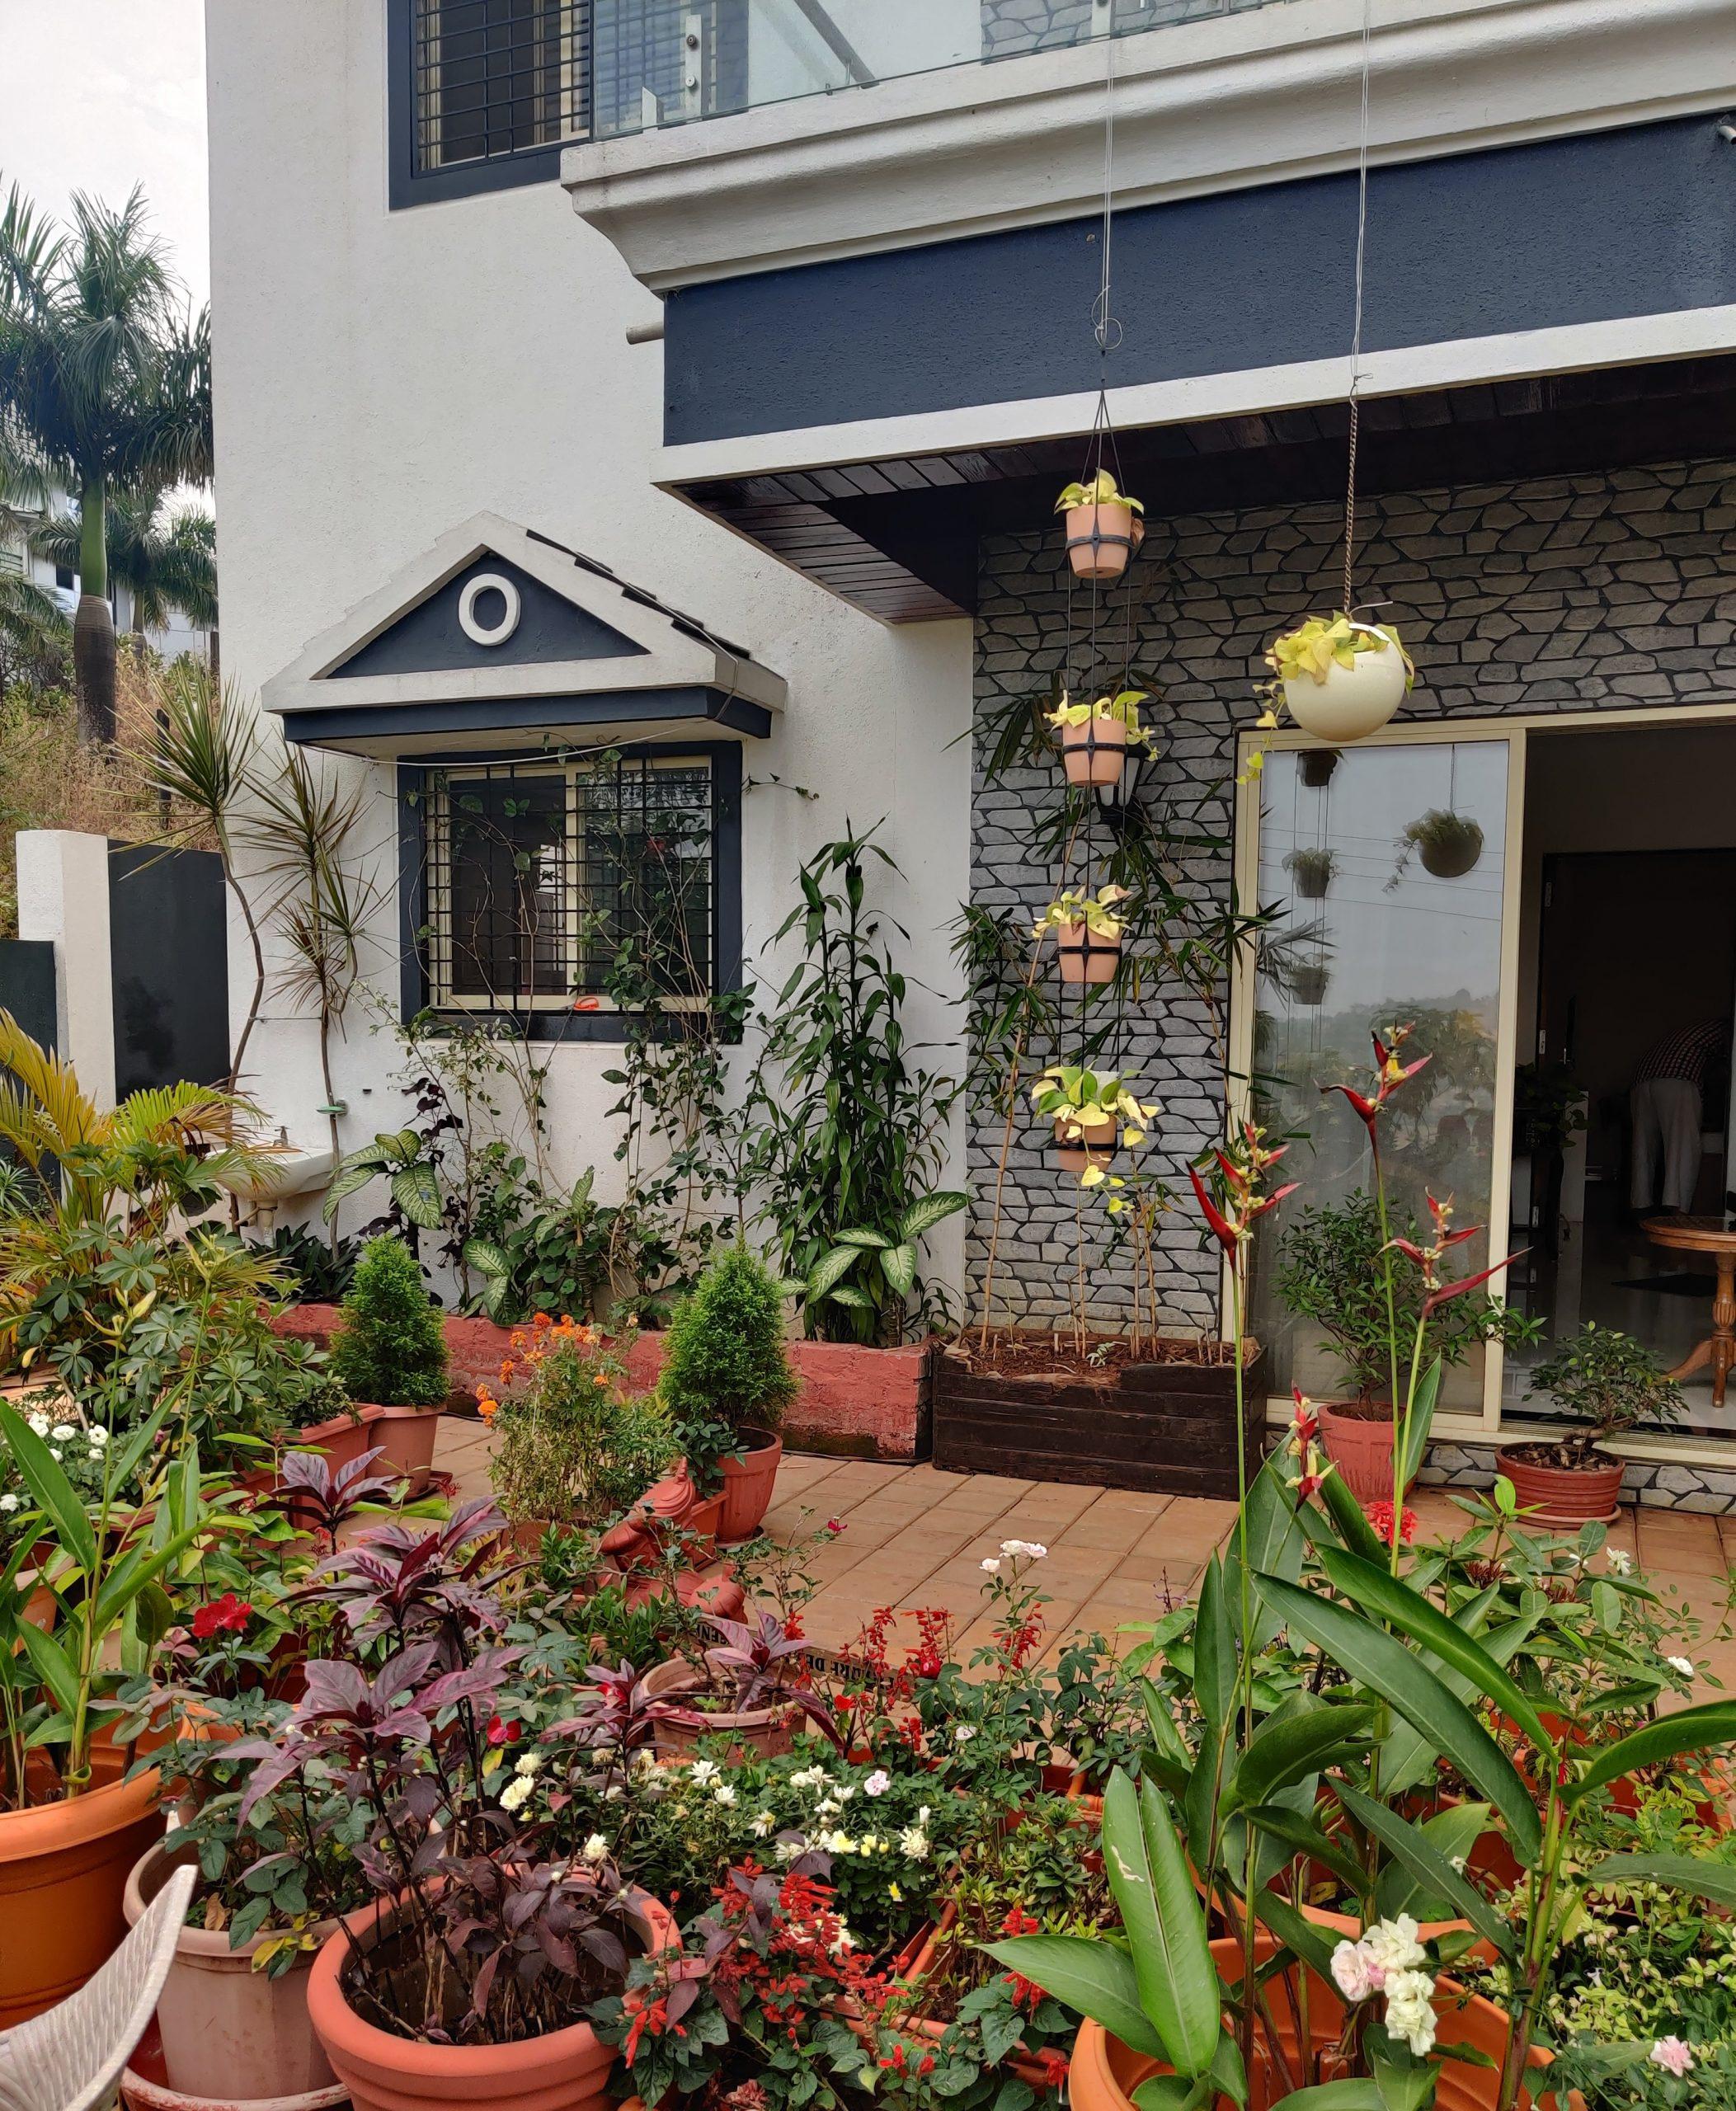 garden in a house